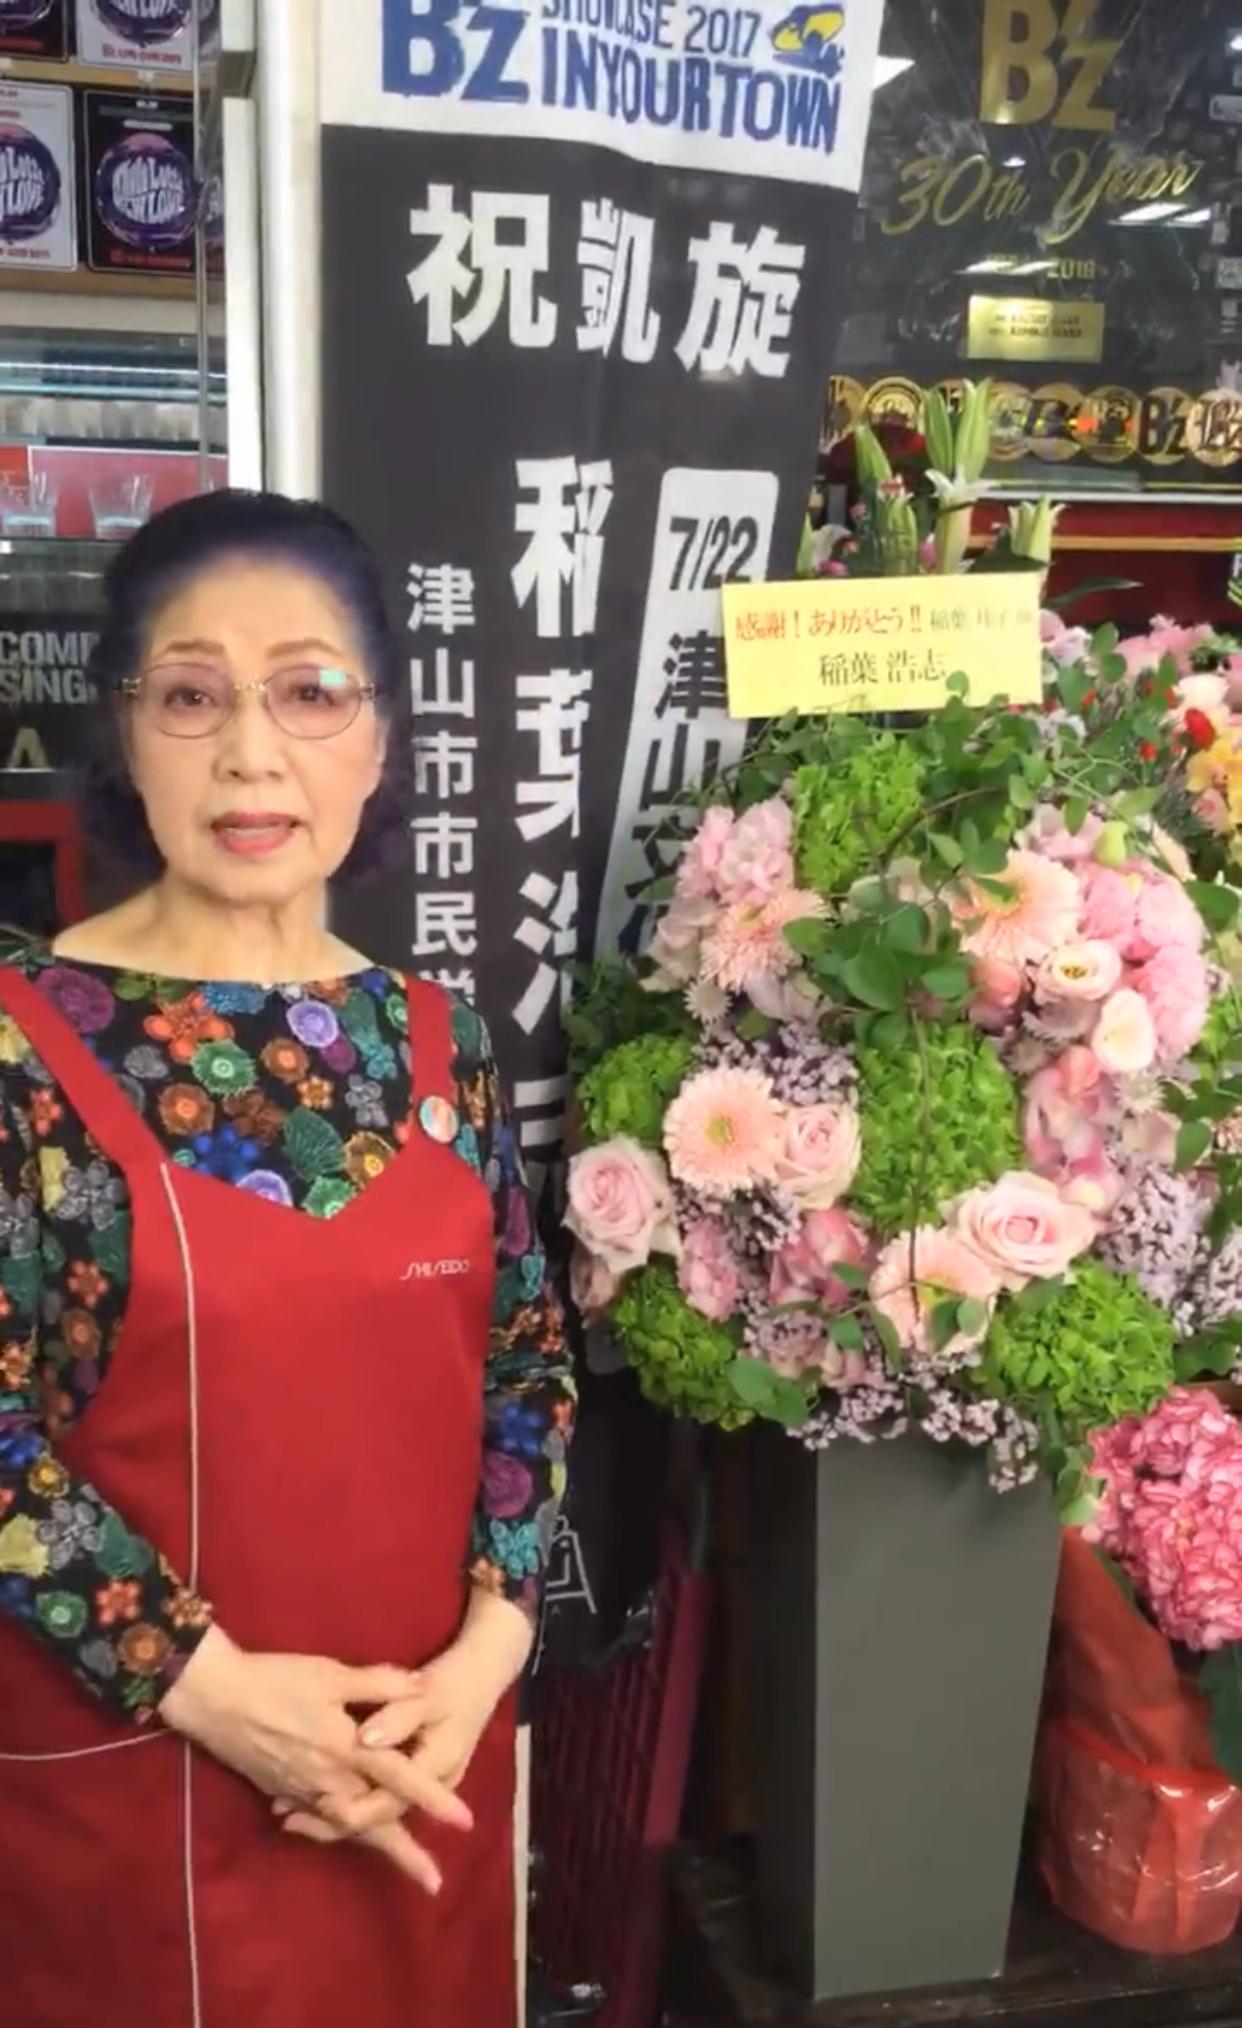 B'z稲葉浩志から贈られた「母の日」の花を紹介する母・邦子さんの写真